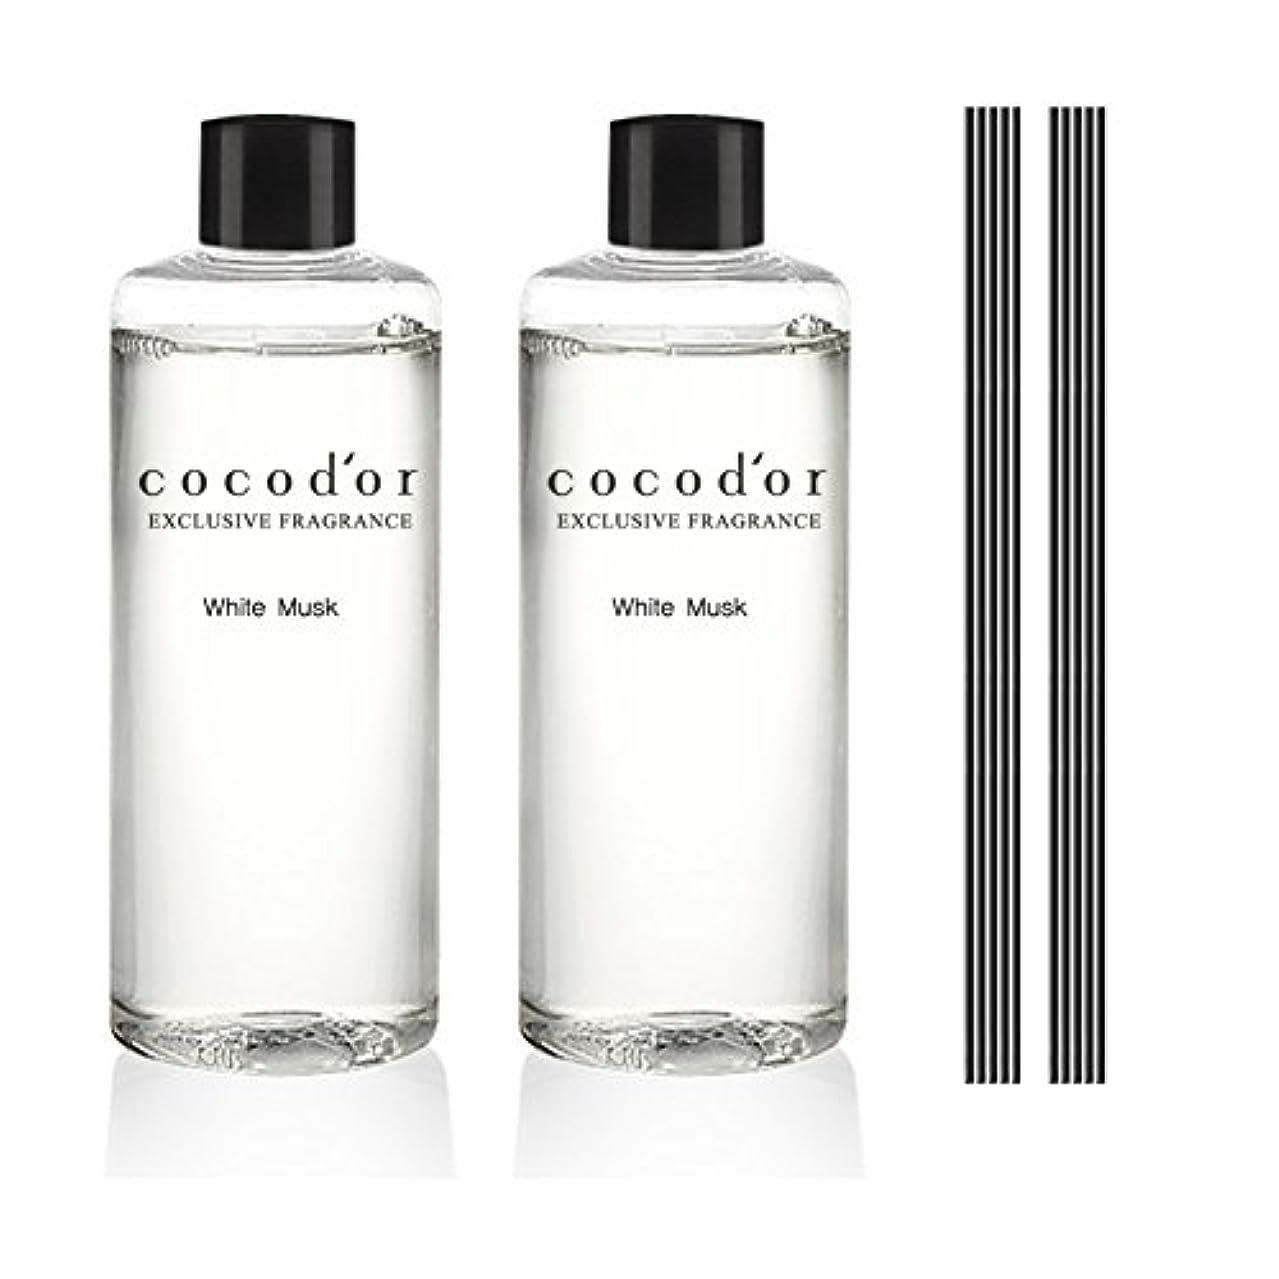 レオナルドダラフト光電(ココドール) COCODOR リードディフューザーリフィル2個(400ml) (ホワイトムスク) [並行輸入品]